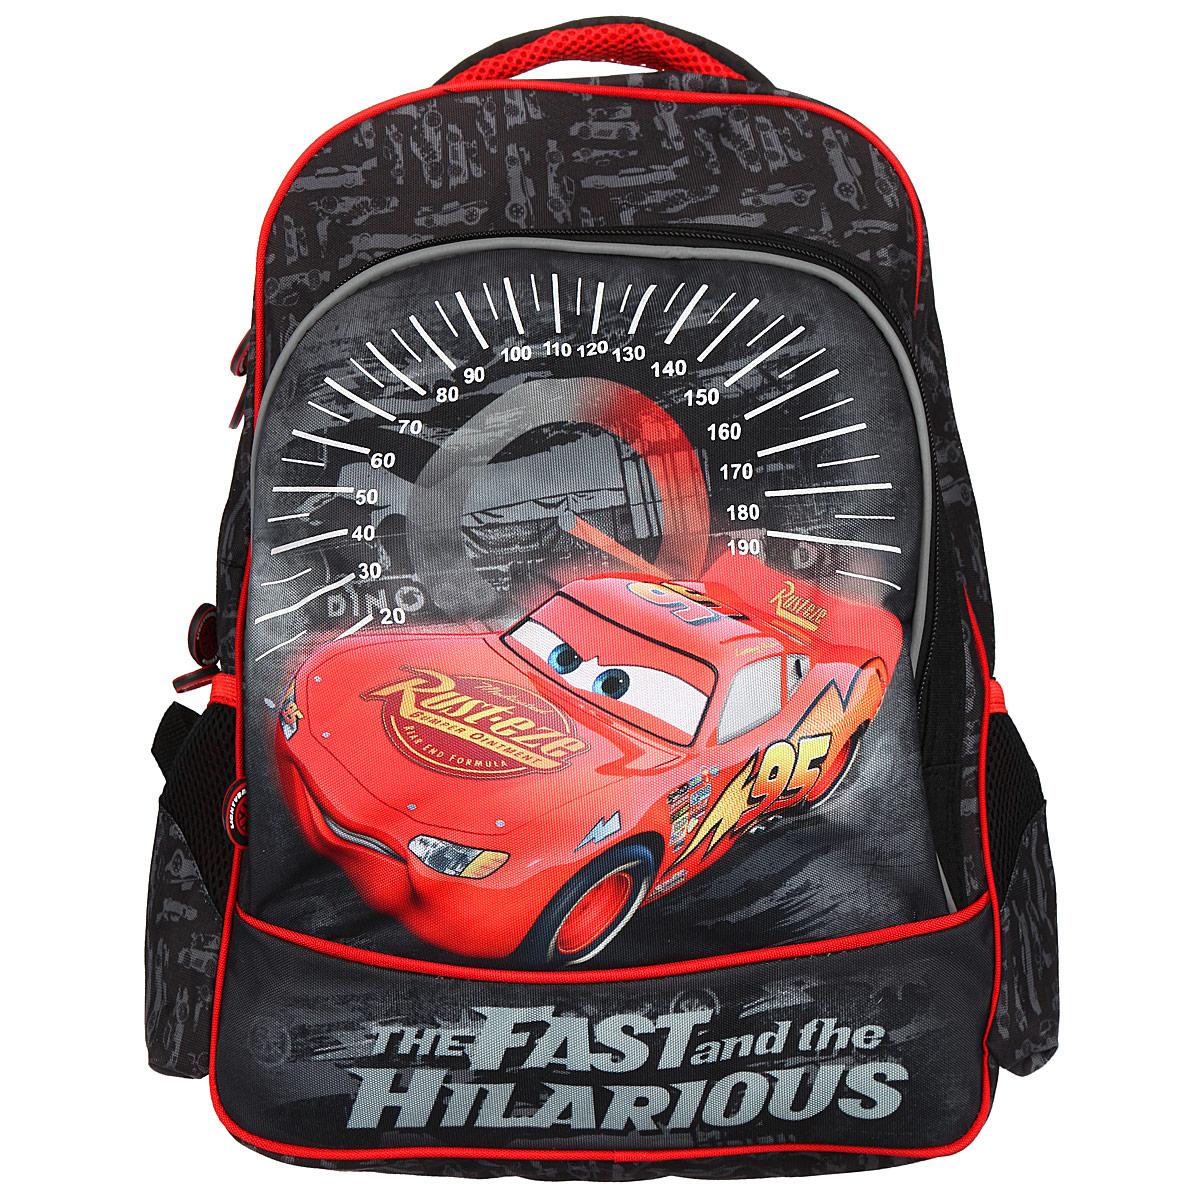 Рюкзак школьный Cars, цвет: черный, серый, красный. 2558325583Рюкзак школьный Cars обязательно привлечет внимание вашего школьника. Он выполнен из прочного и водонепроницаемого материла черного, серого, красного цветов и оформлен изображением героя мультфильма Тачки. Содержит два вместительных отделения, закрывающиеся на застежки-молнии с двумя бегунками. Бегунки застежки дополнены прорезиненными держателями. В большом отделении находятся две мягкие перегородки для тетрадей или учебников, фиксирующиеся резинкой. Одну из перегородок можно использовать для гаджетов. В другом отделении имеется открытый карман-сетка. Лицевая сторона рюкзака оснащена накладным карманом на застежке-молнии, внутри которого расположены два открытых кармашка, карман-сетка на молнии и отделение для мобильного телефона. По бокам рюкзака расположены два накладных кармана, стянутые сверху резинкой. Ортопедическая спинка равномерно распределяет нагрузку на плечевые суставы и спину. Конструкция спинки дополнена эргономичными подушечками,...